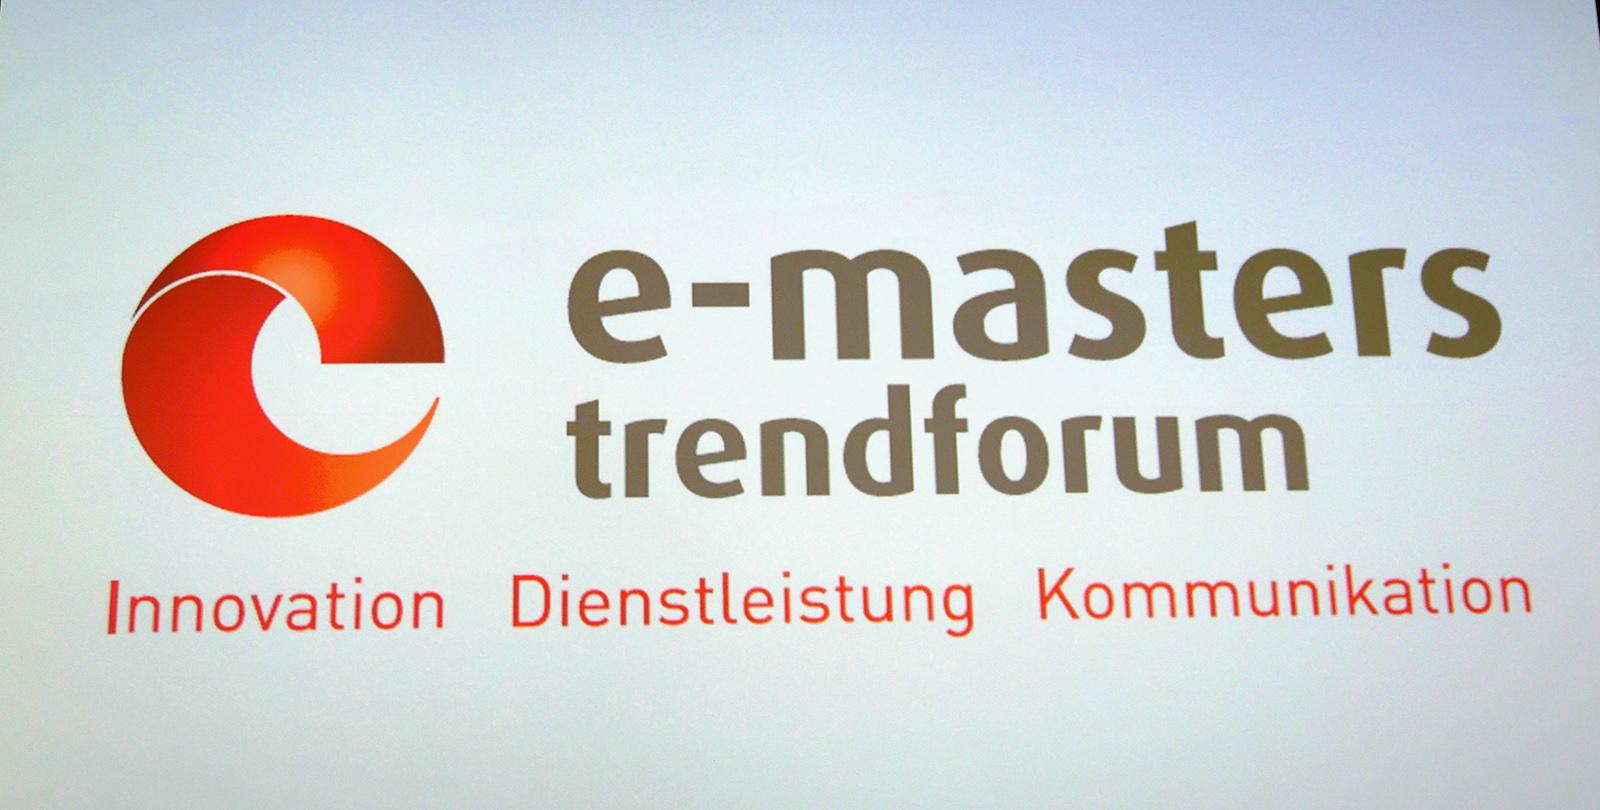 Die Verbundgruppe e-masters tagte Mitte Juni in Berlin unter dem Motto: Innovation-Dienstleistung-Kommunikation.